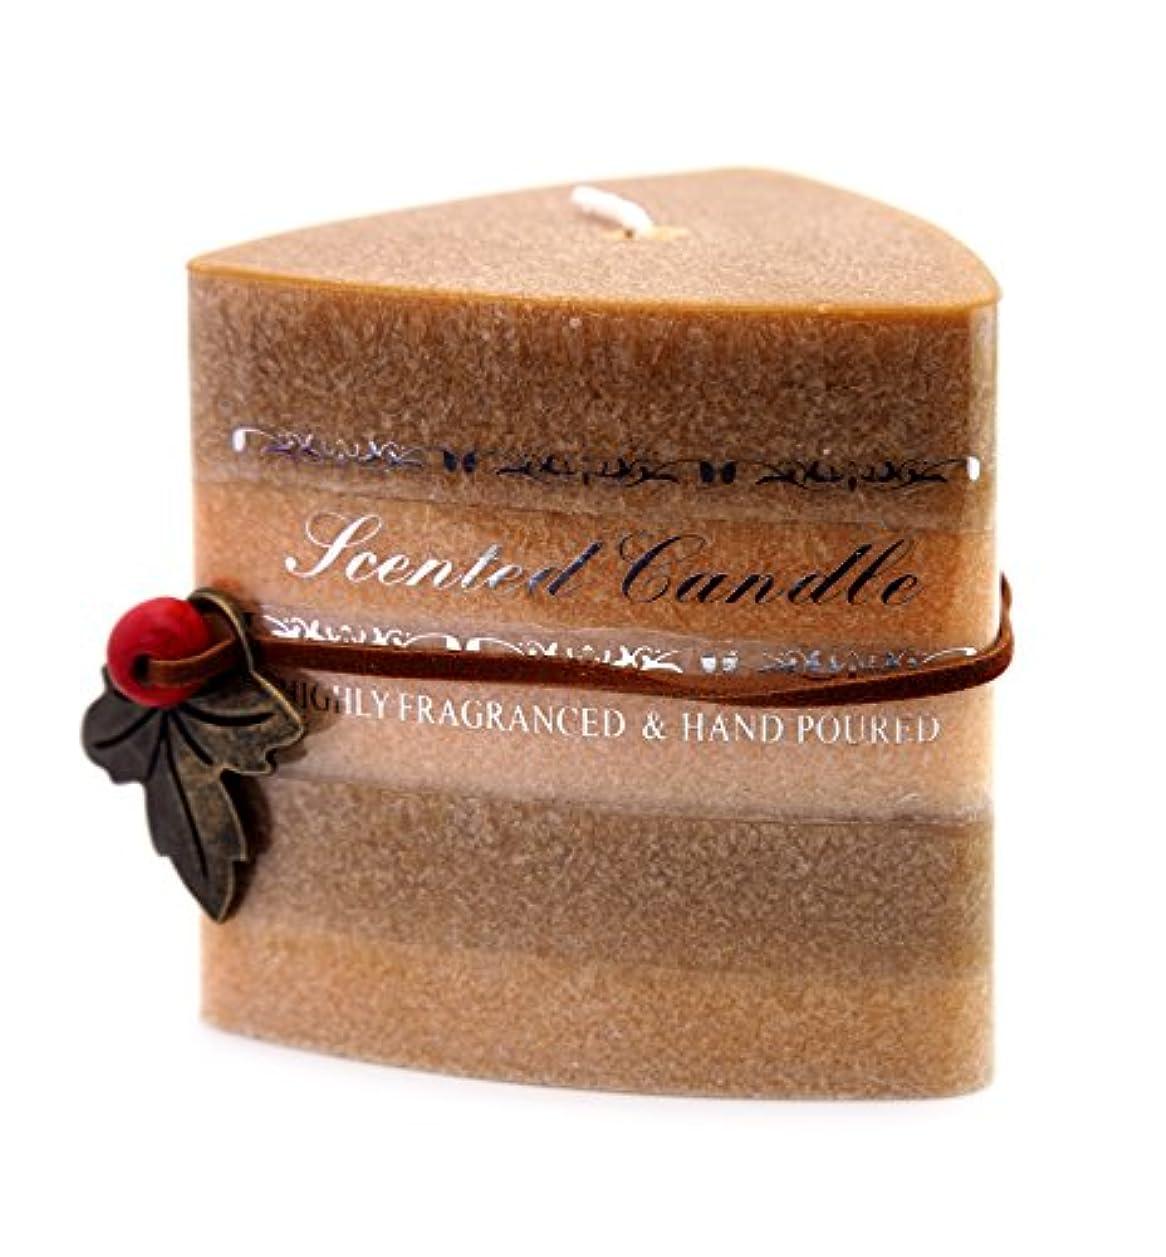 捧げる長さ阻害するcreationtop手作り香りのキャンドルホームインテリアアロマキャンドル